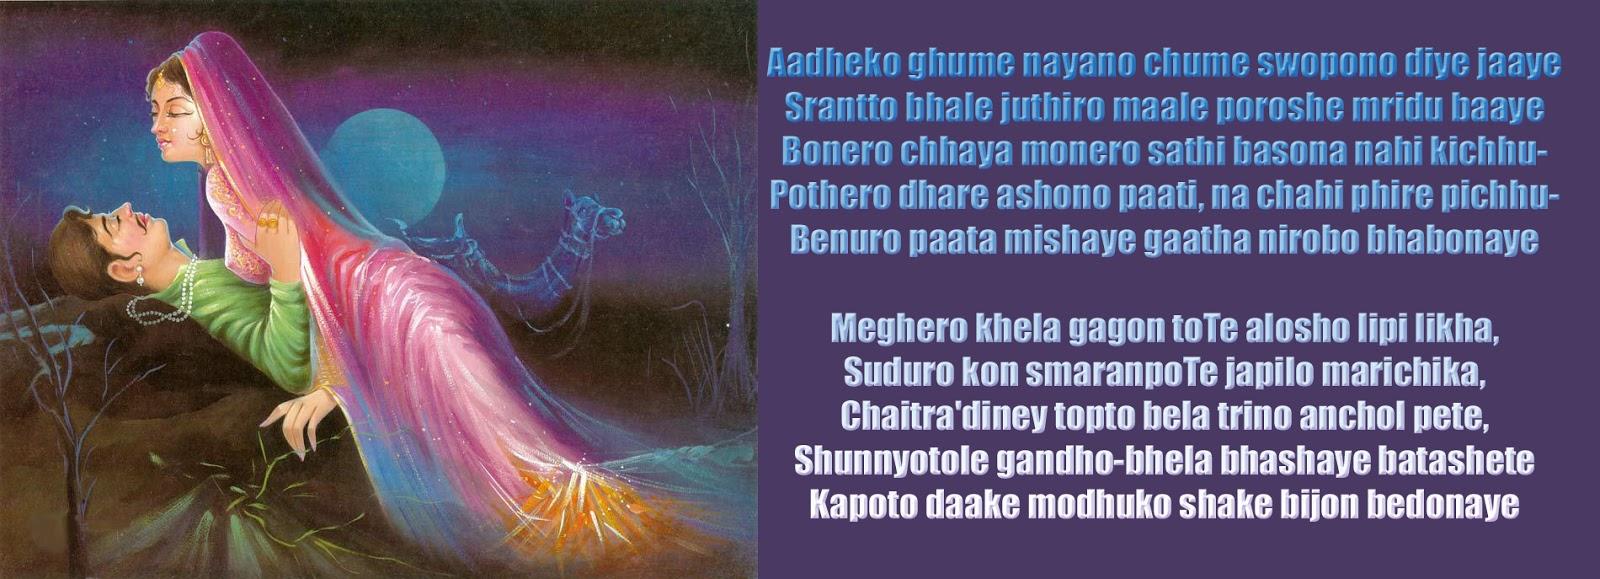 আধেক ঘুমে নয়ন চুমে স্বপন দিয়ে যায়/Adheko ghume …